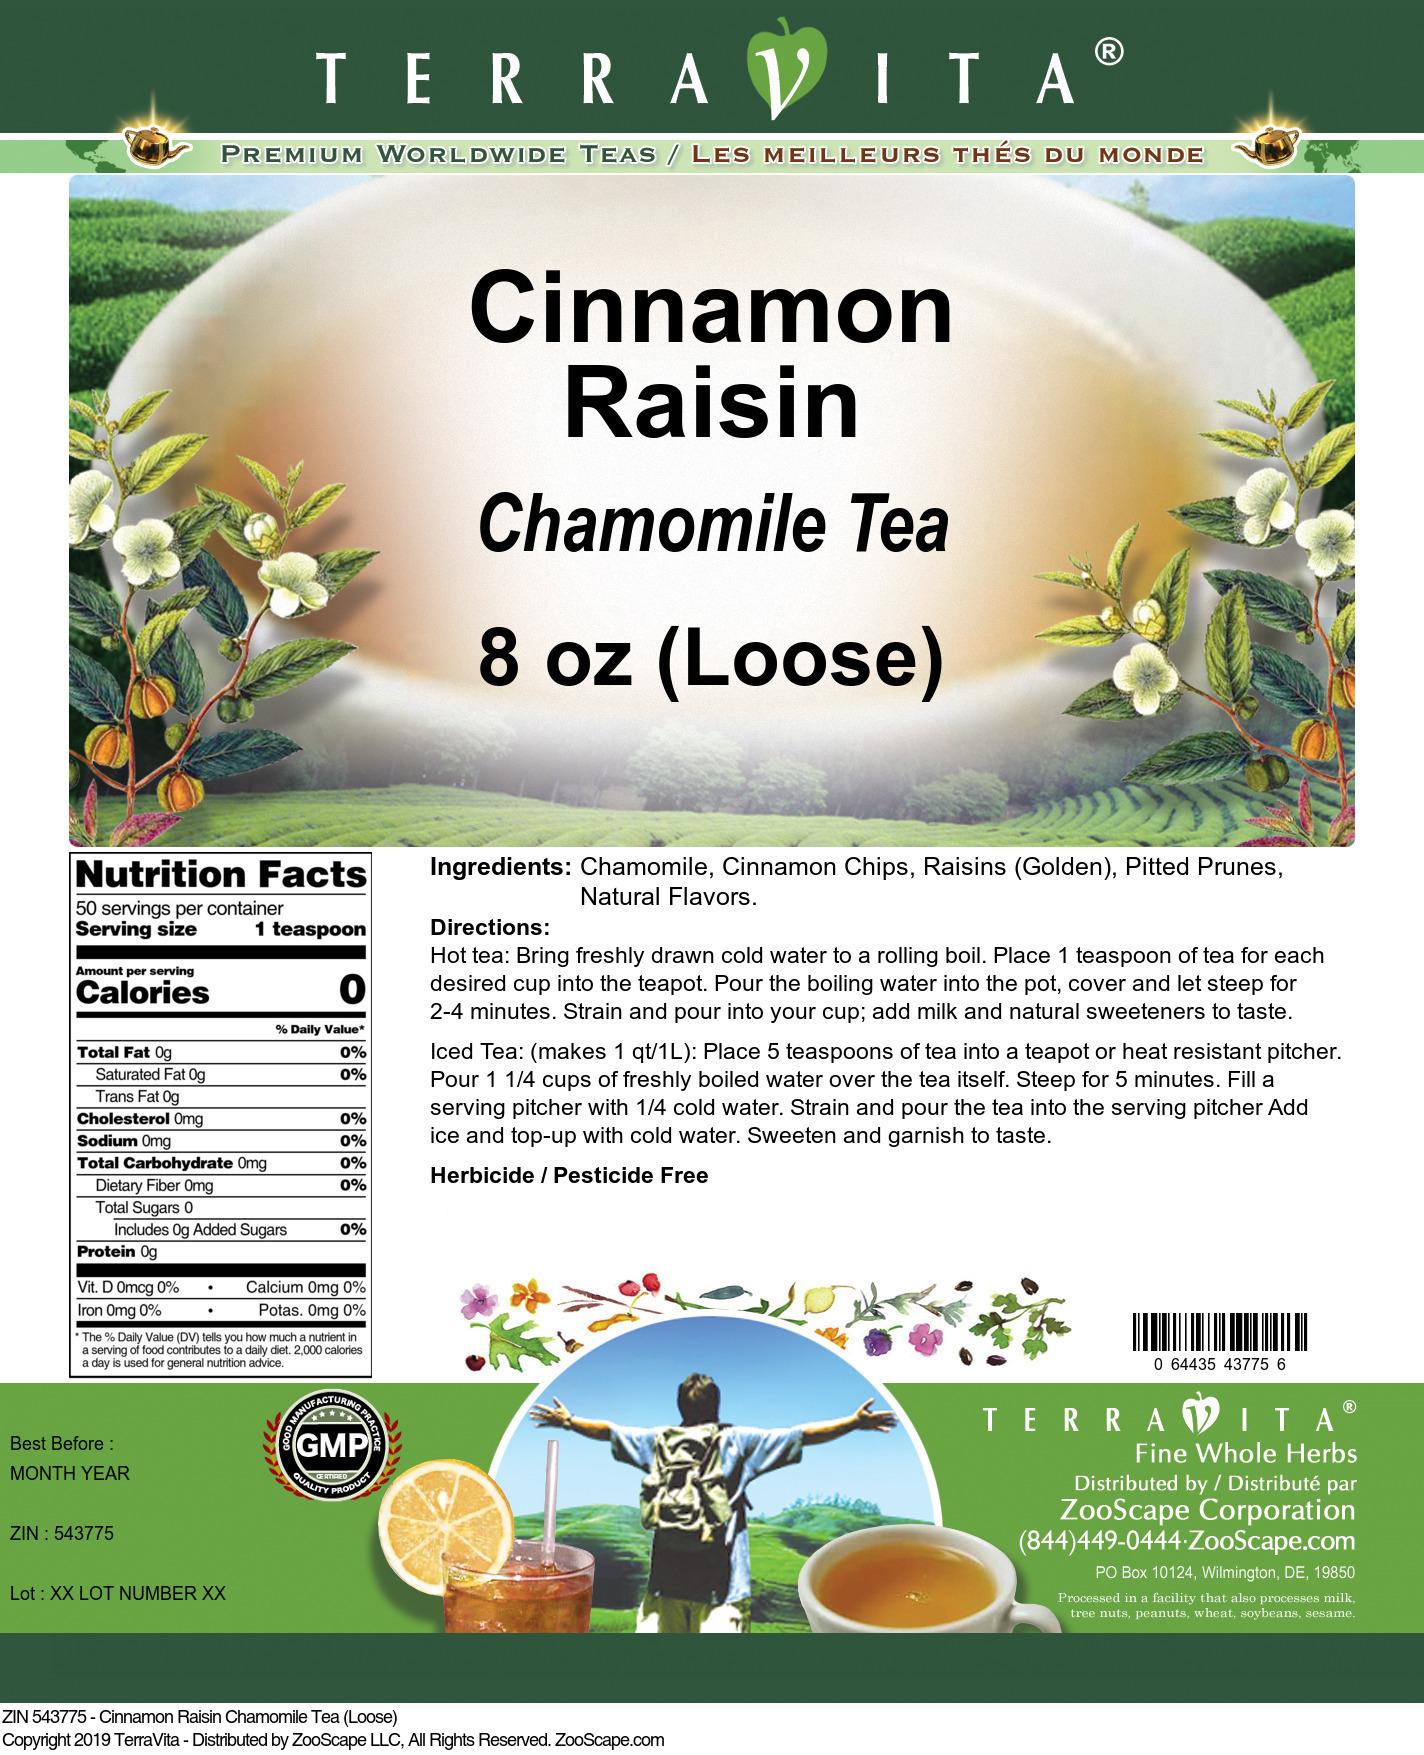 Cinnamon Raisin Chamomile Tea (Loose)